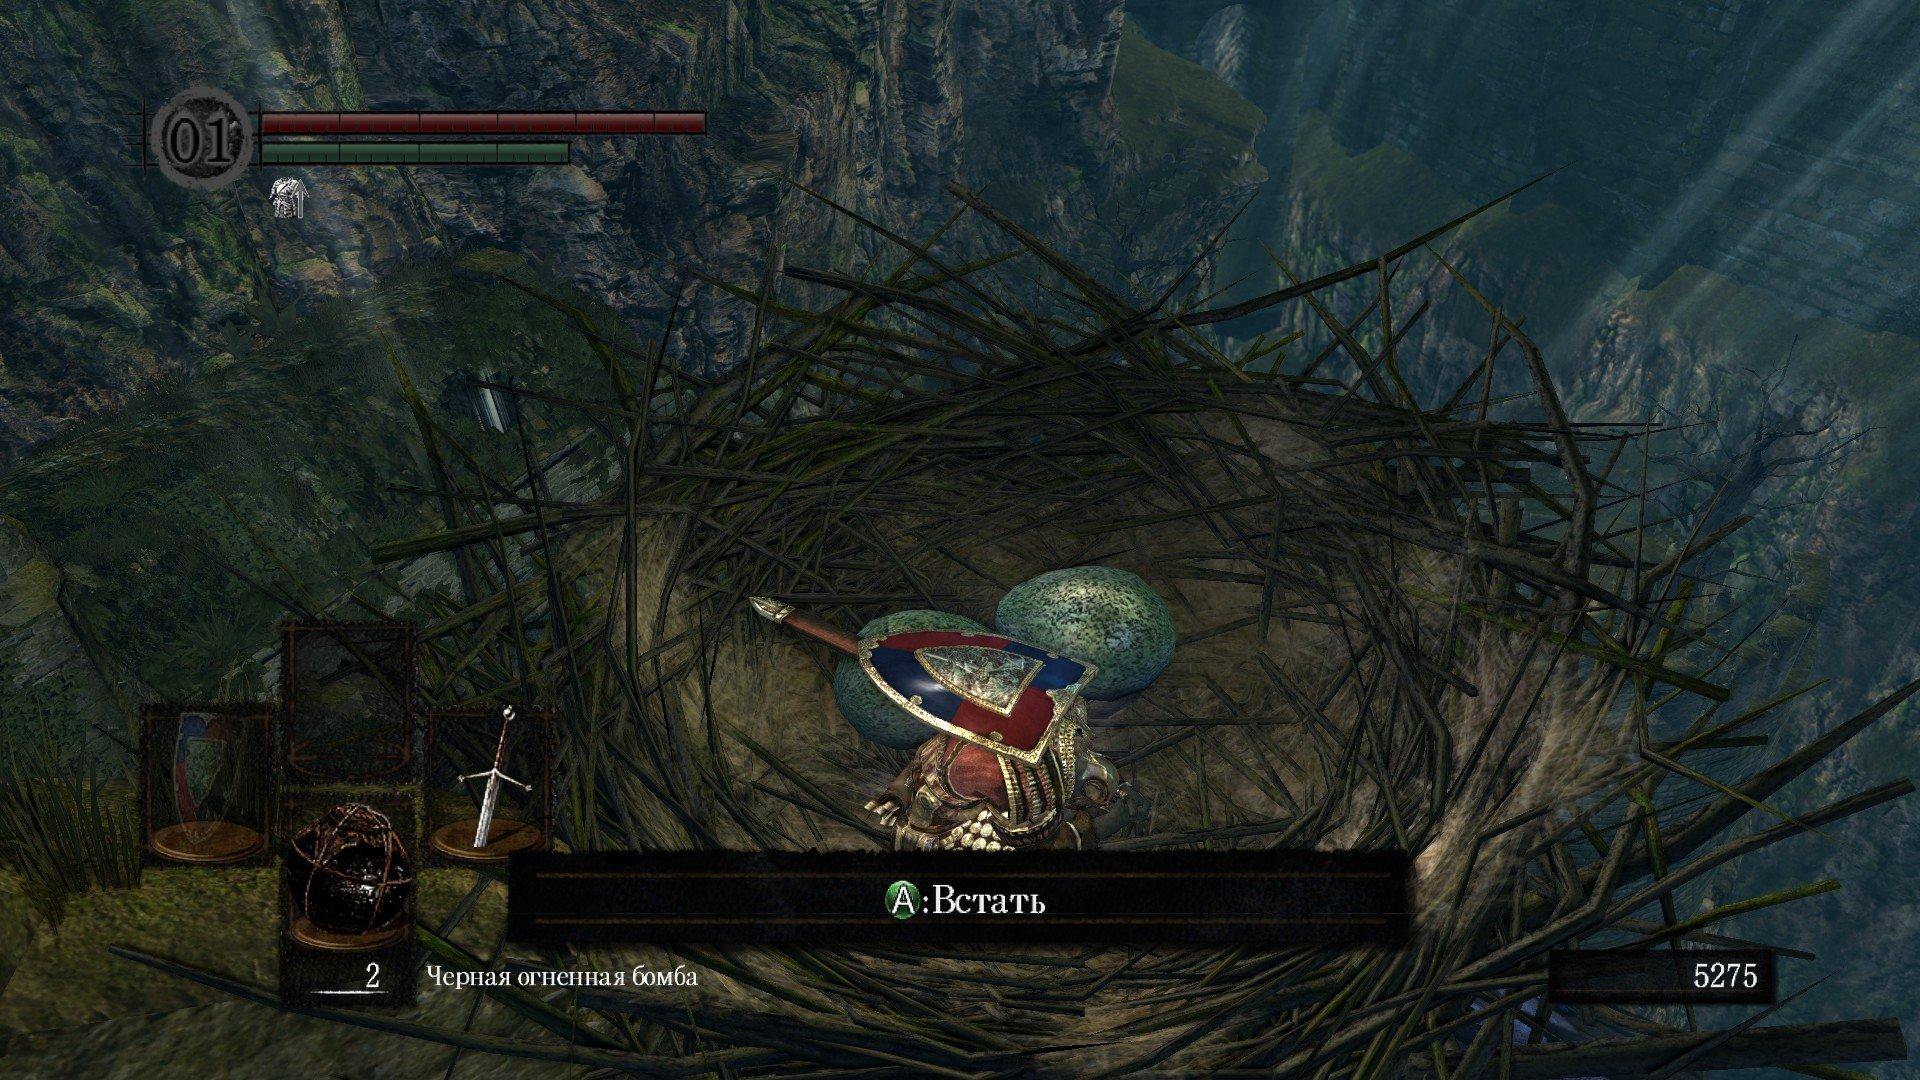 Вопль-прохождение Dark Souls часть 2 ... все в одном посте ... все еще думаю над названием!. - Изображение 10